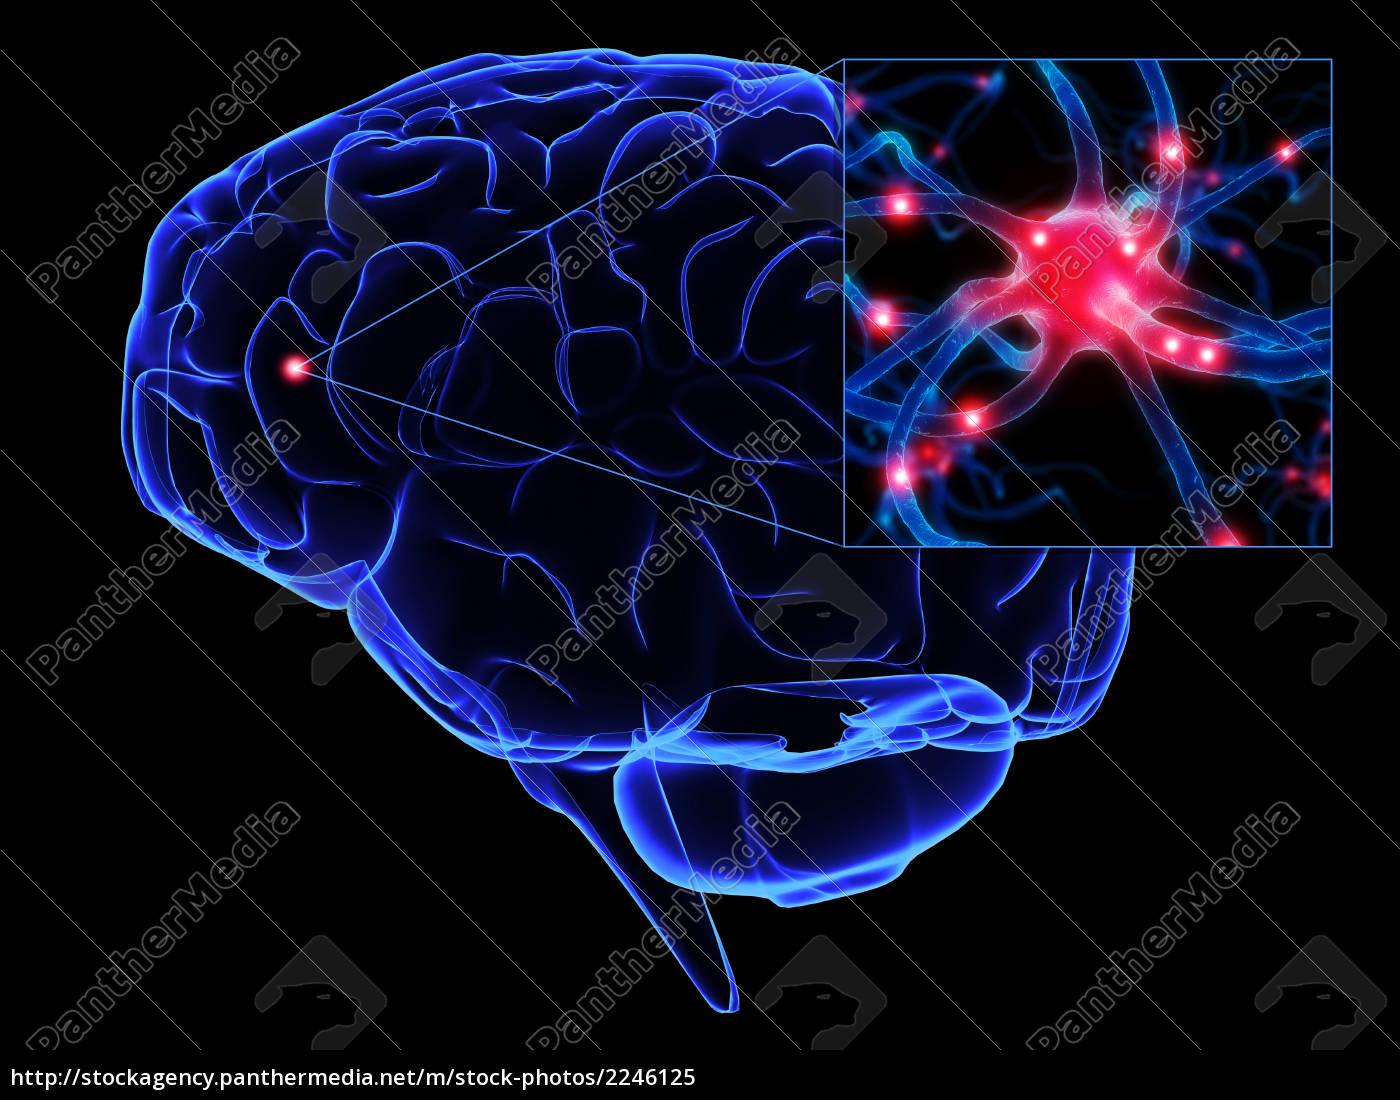 las células cerebrales y neuronas - Foto de archivo - #2246125 ...